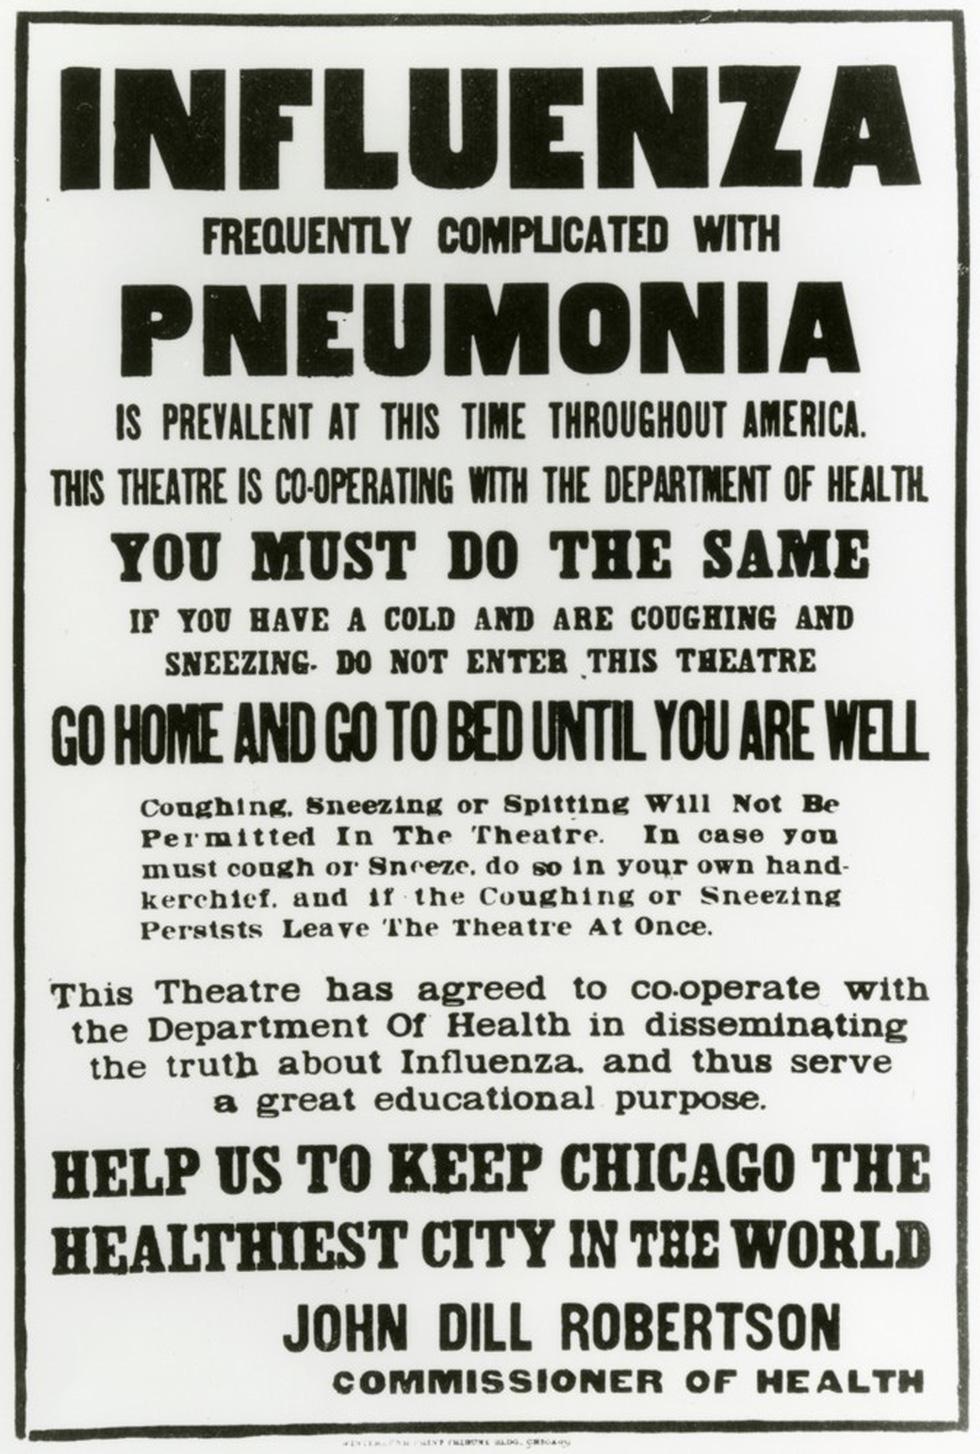 100 năm apphich vẫn thông điệp: Che miệng khi ho, ở nhà khi bệnh, tránh đám đông - Ảnh 1.